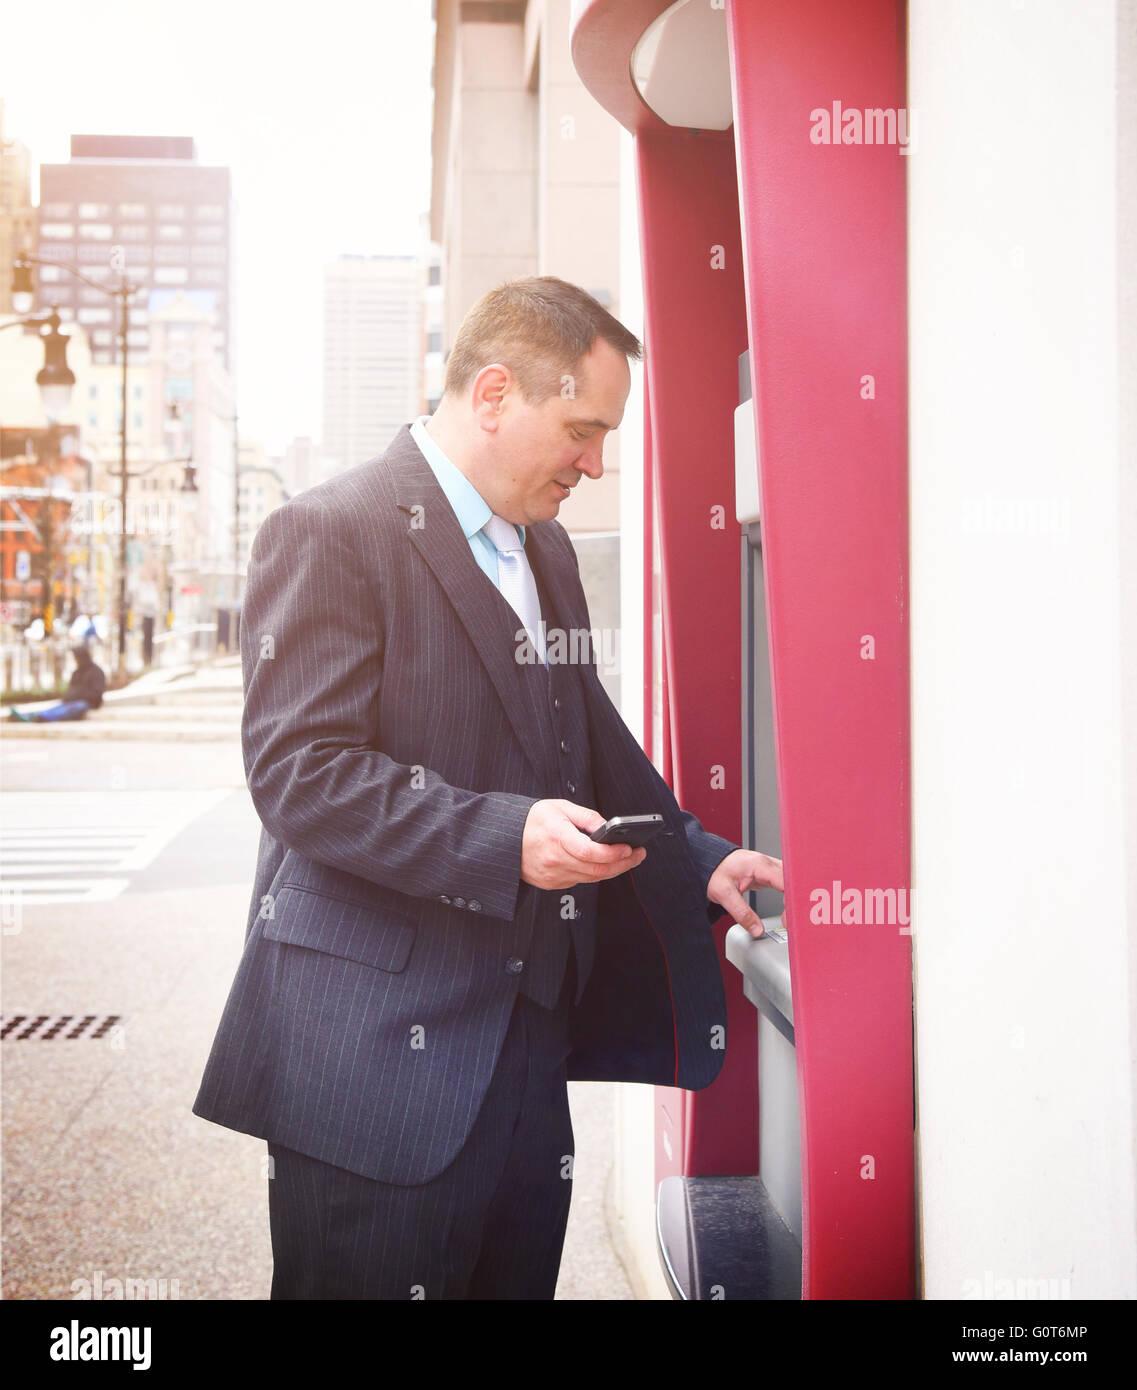 Un hombre de negocios es la celebración de un teléfono y retirar dinero de su cuenta en un cajero automático Imagen De Stock